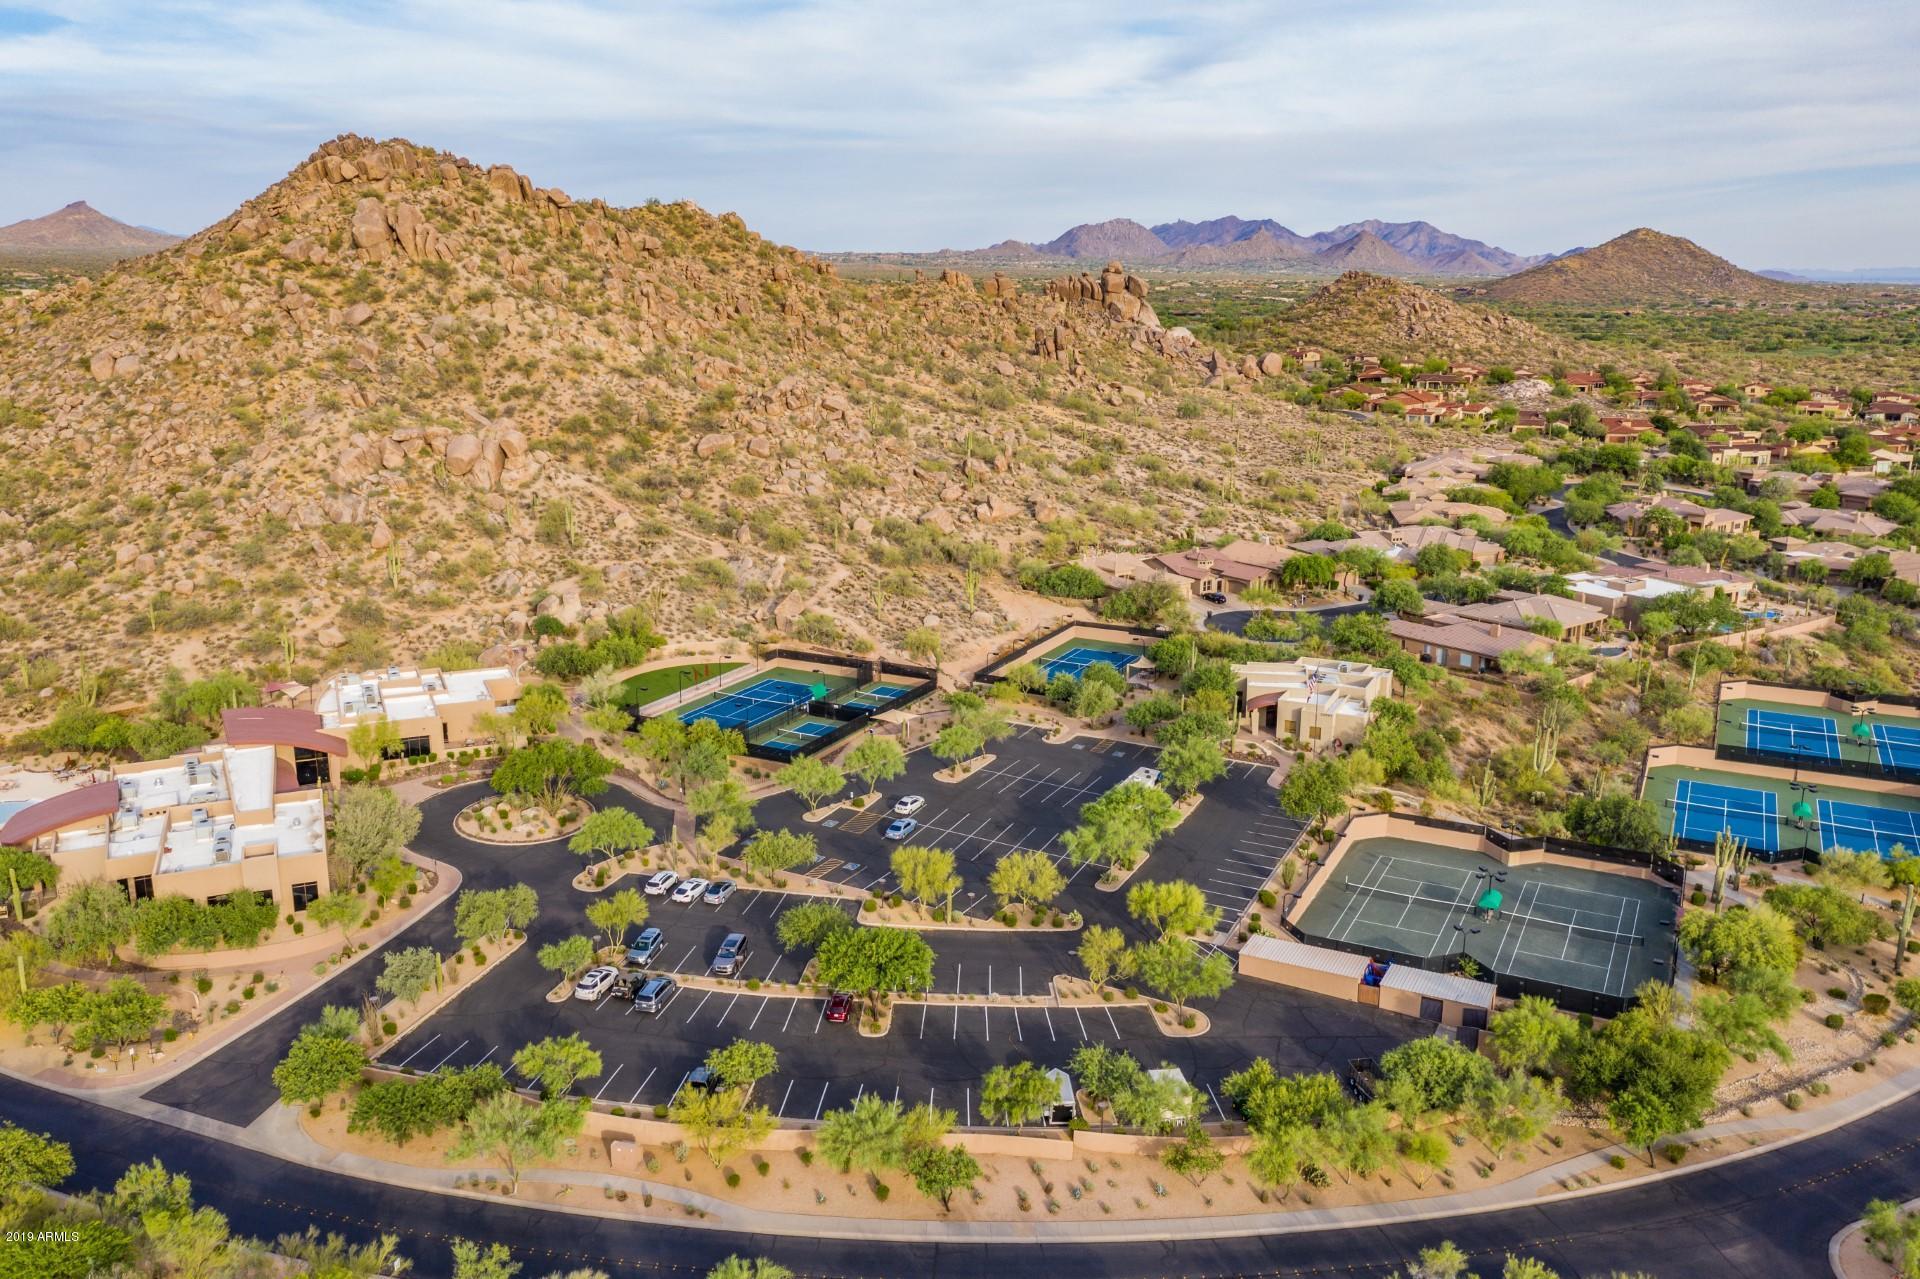 MLS 5940472 7373 E CRIMSON SKY Trail, Scottsdale, AZ 85266 Scottsdale AZ Winfield